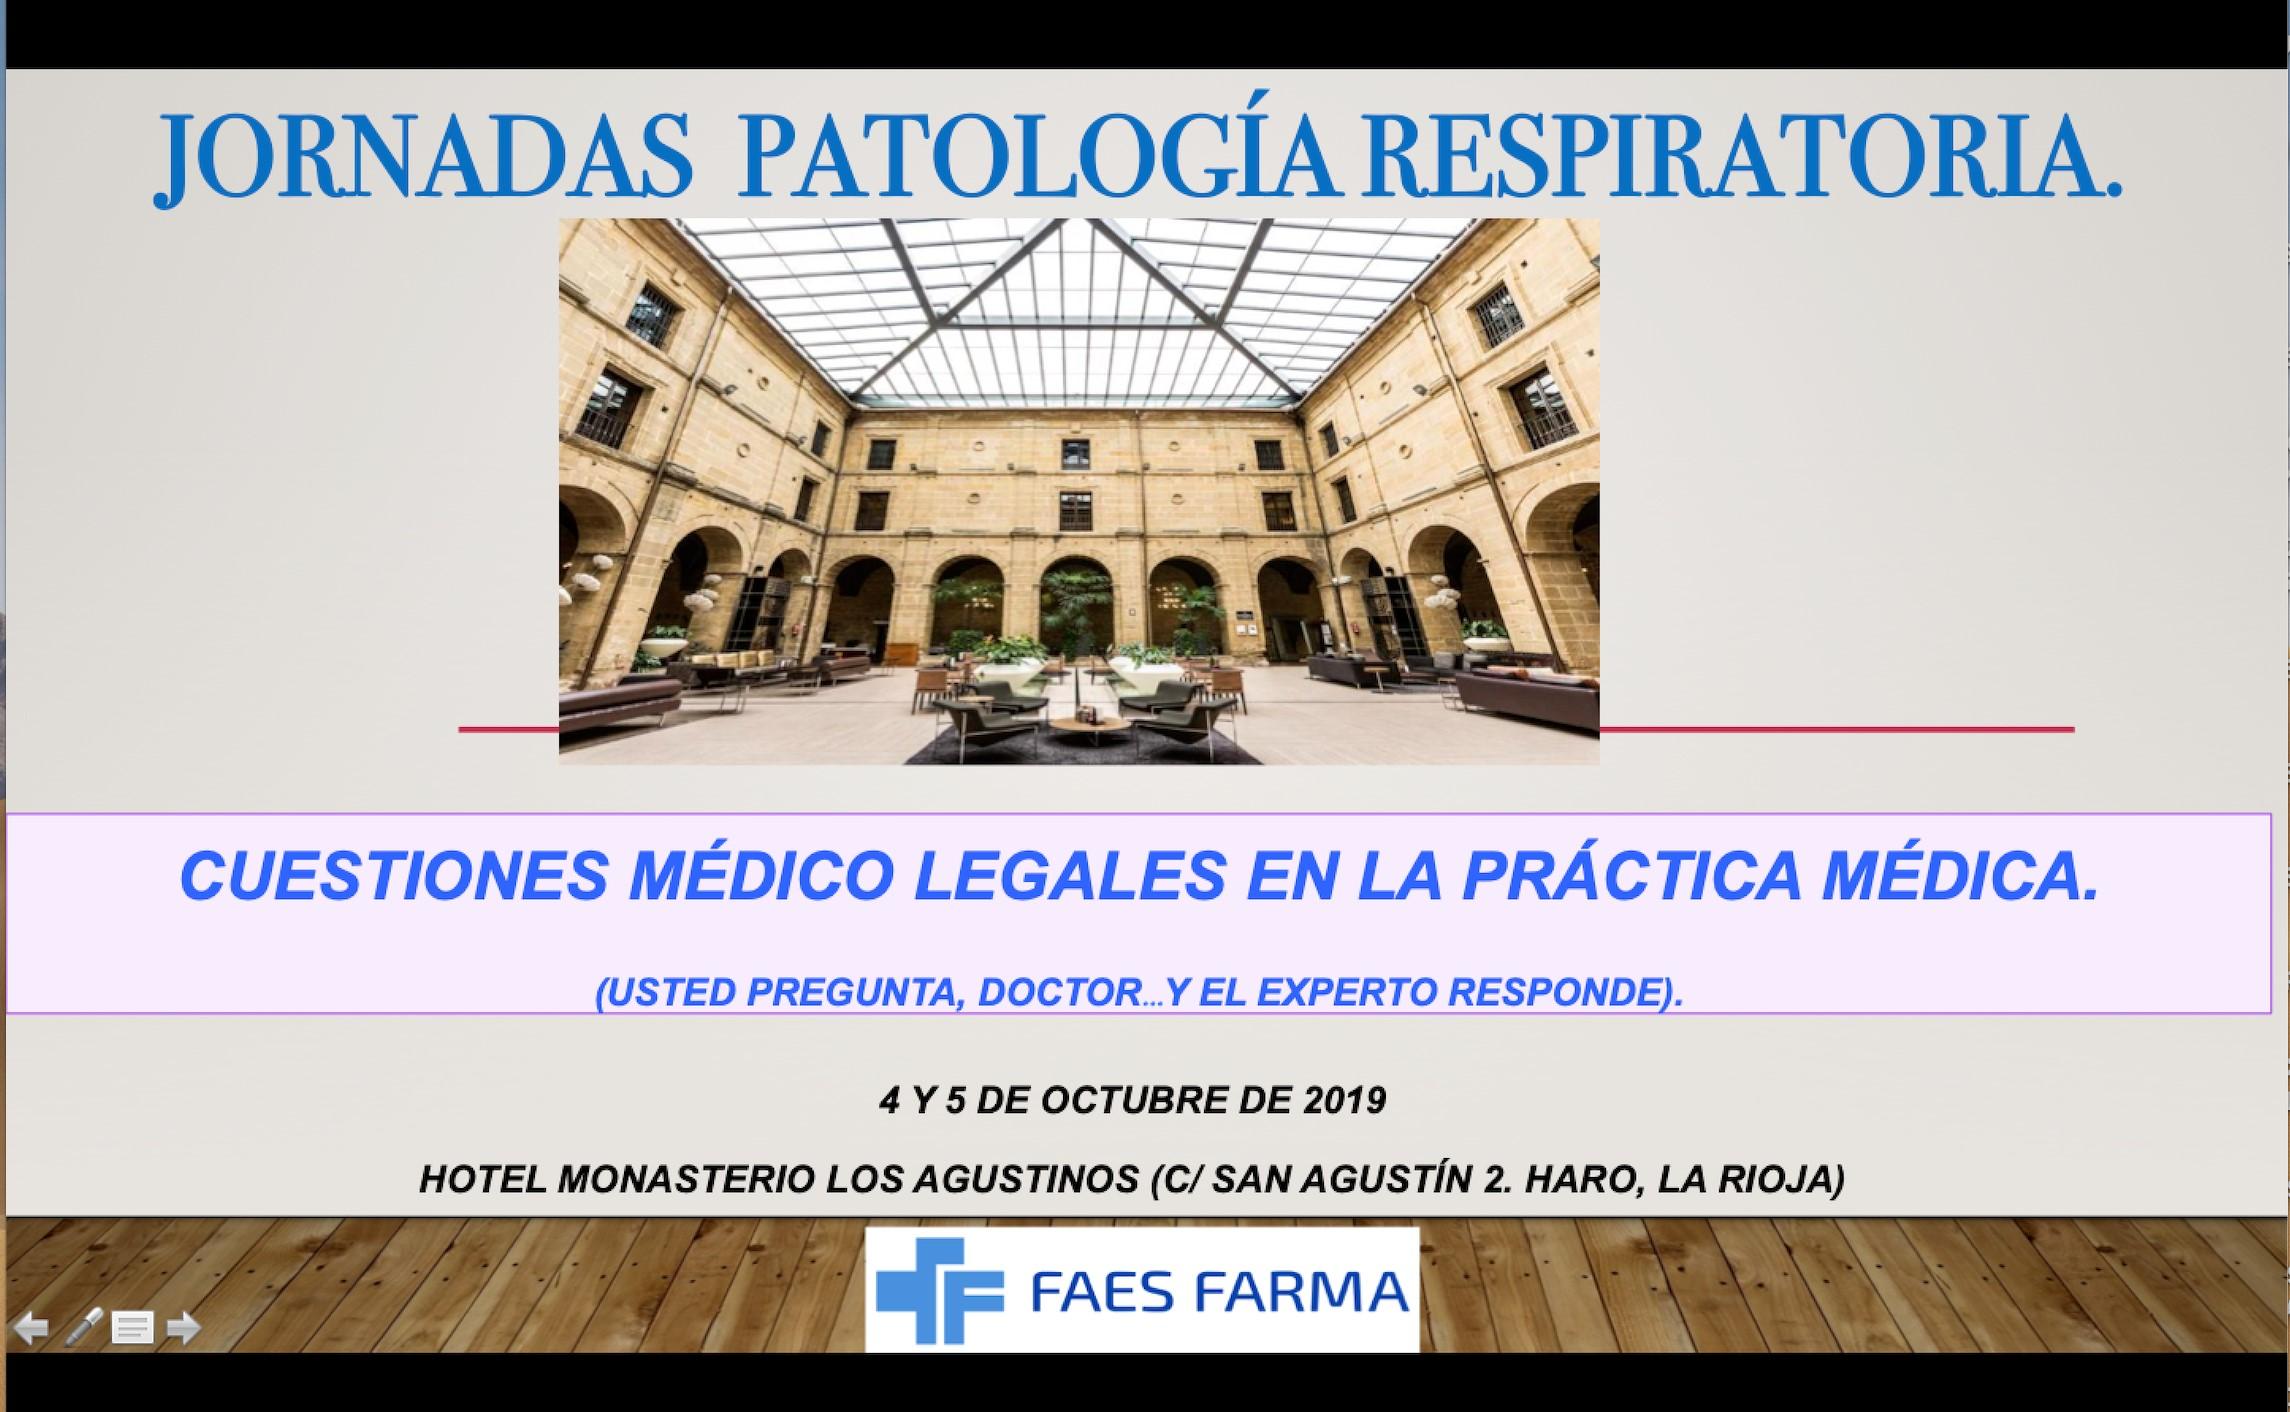 Jornadas de Patologia Respiratoria en Haro